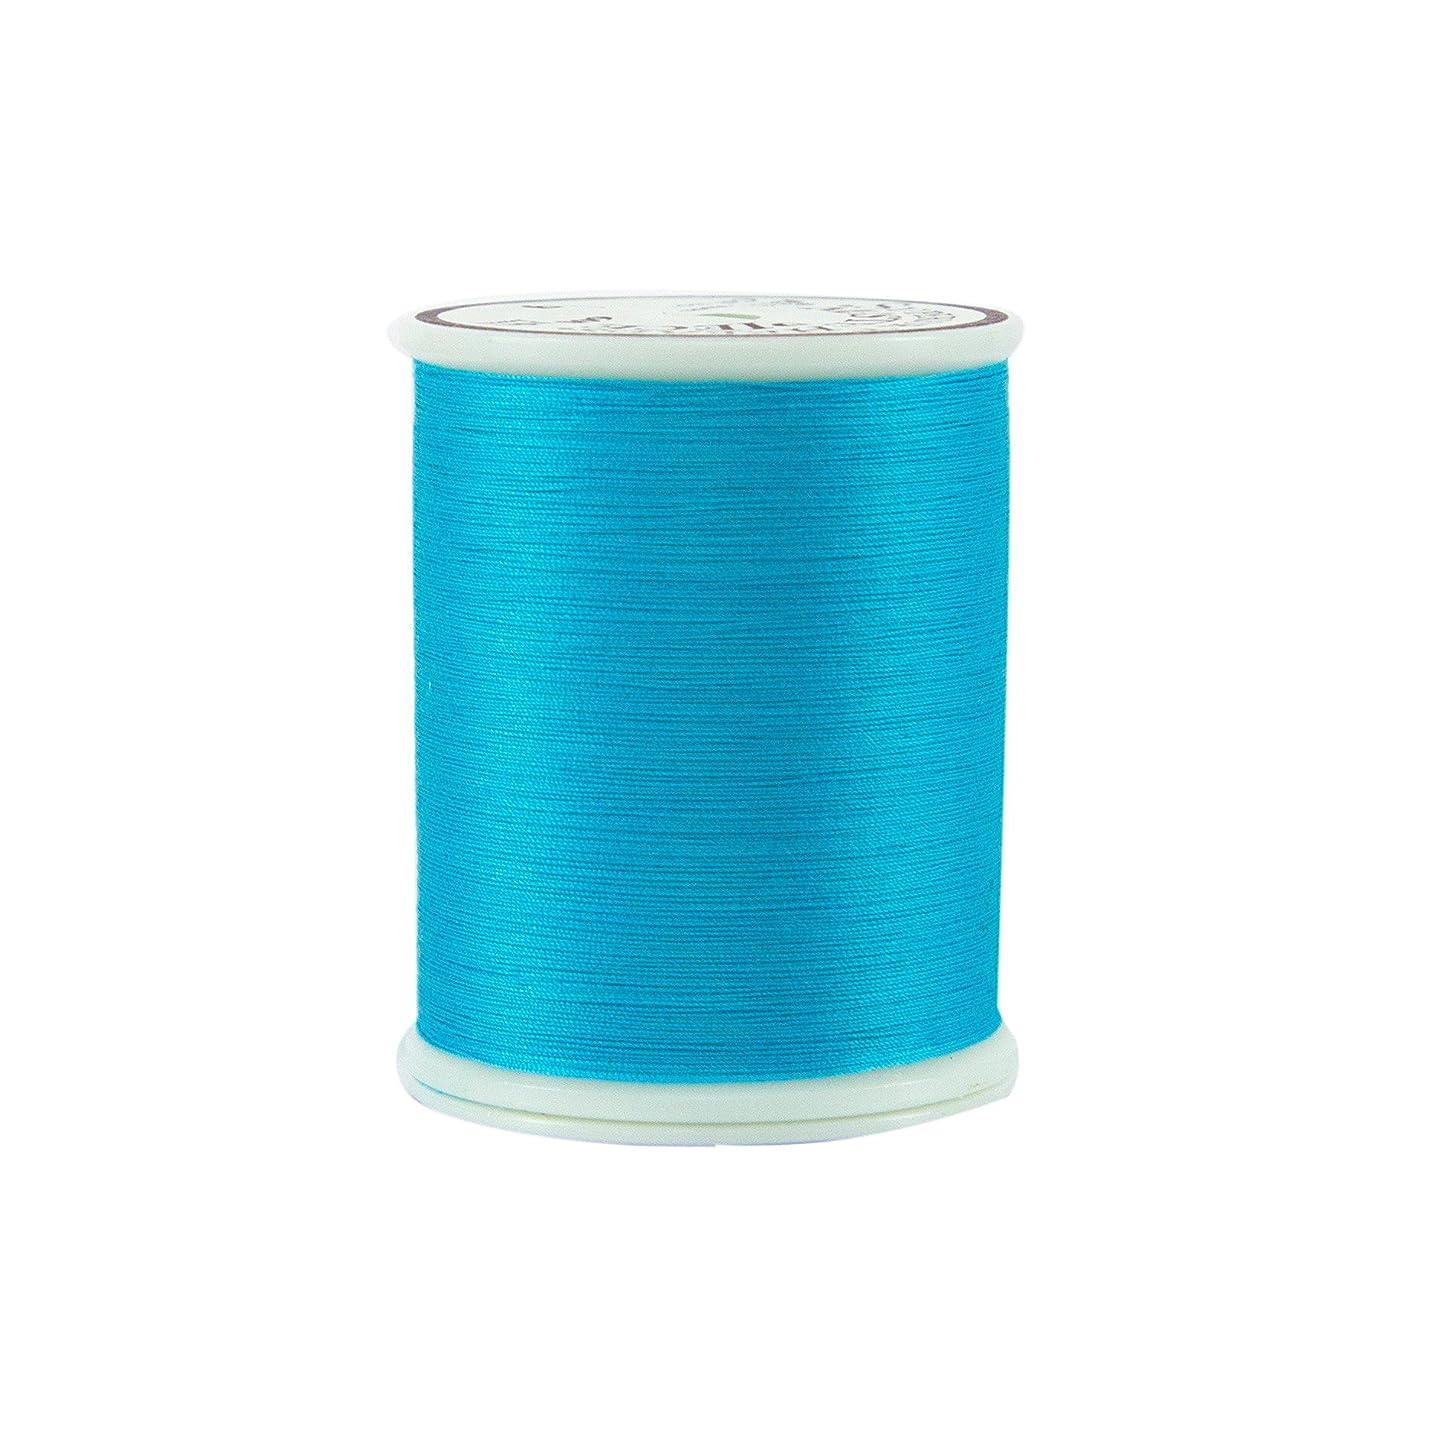 Superior Threads 12401-169 Masterpiece Van Gogh 50W Thread, 600 yd